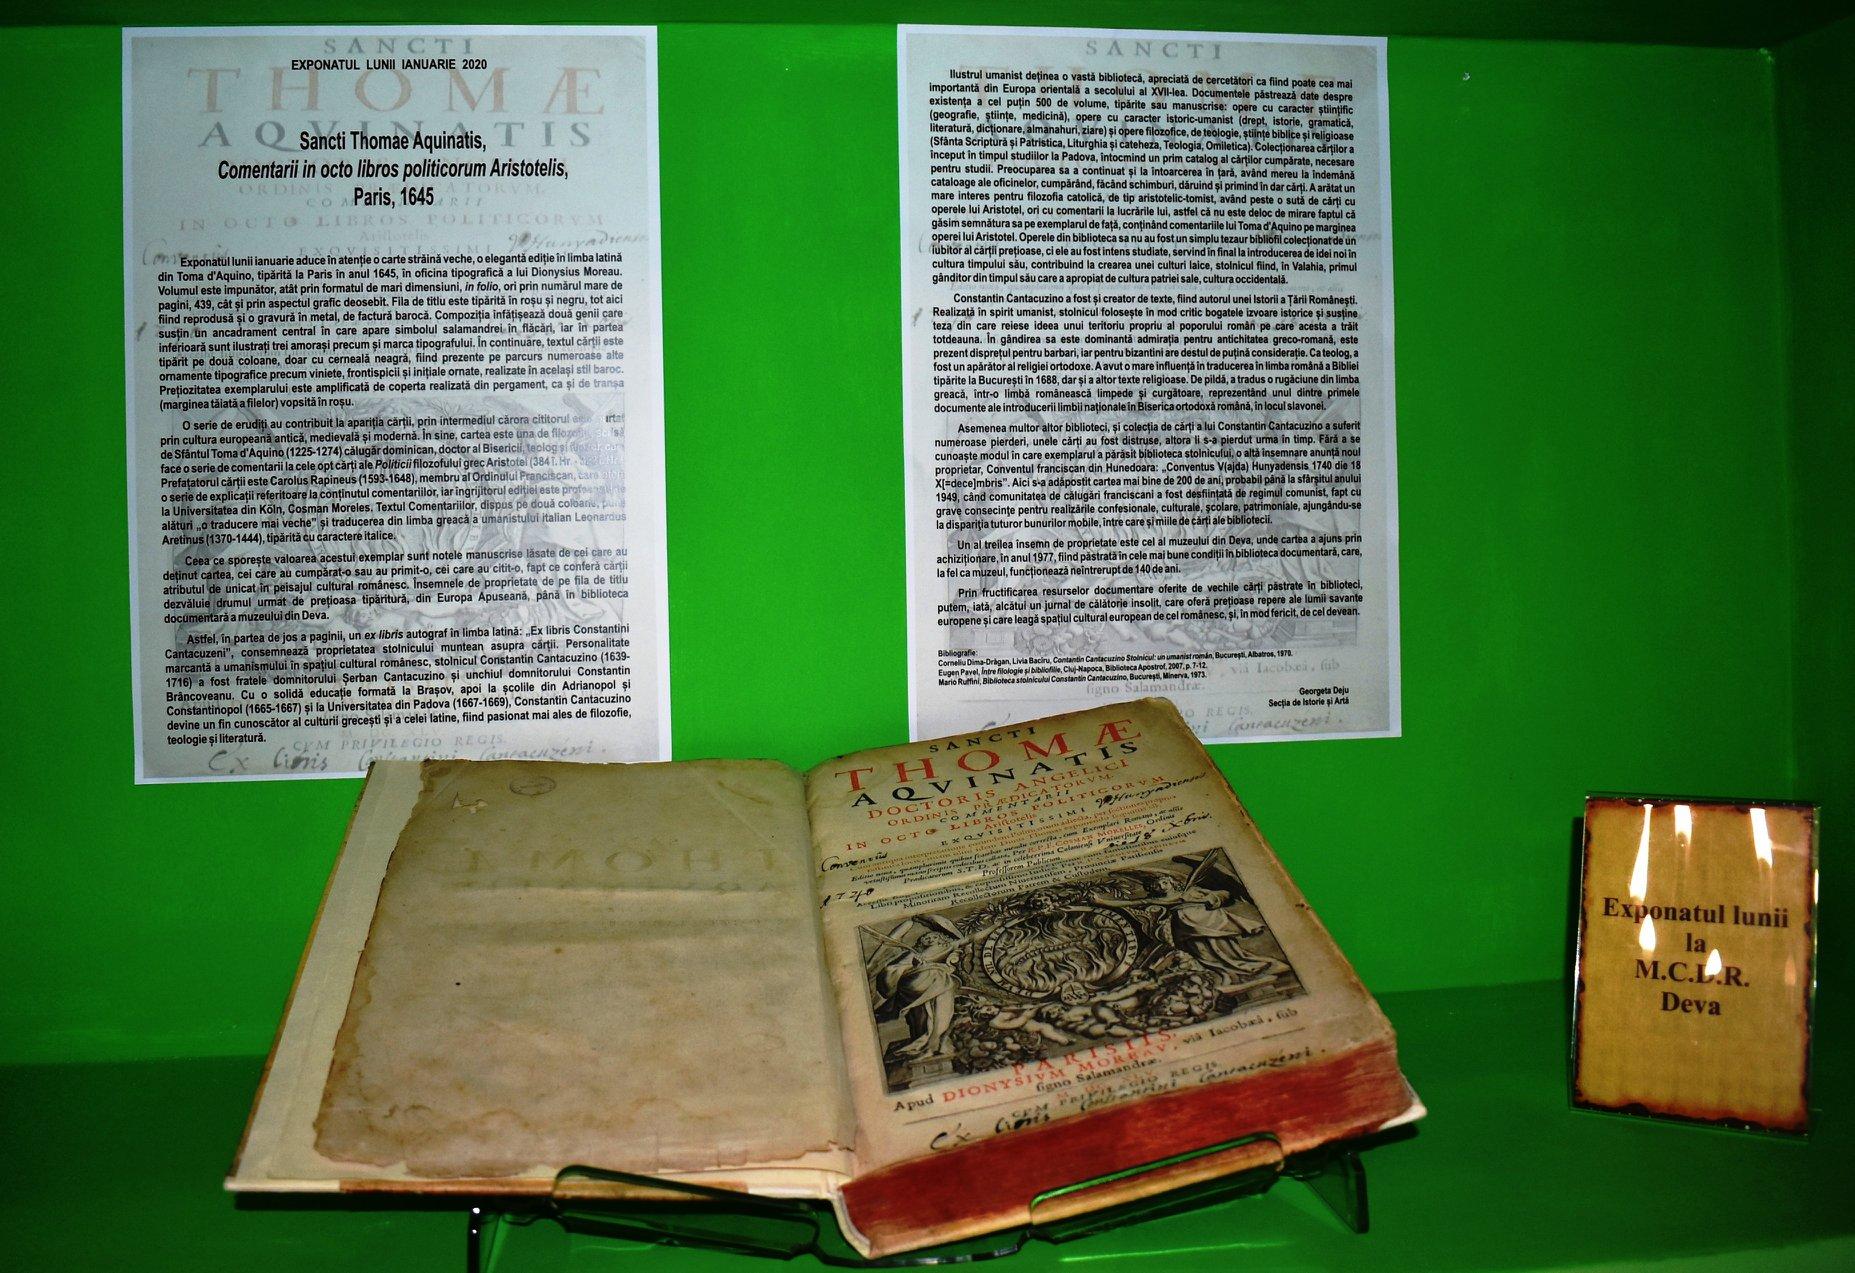 Exponatul lunii la MCDR Deva, o carte în limba latină tipărită în 1645, la Paris